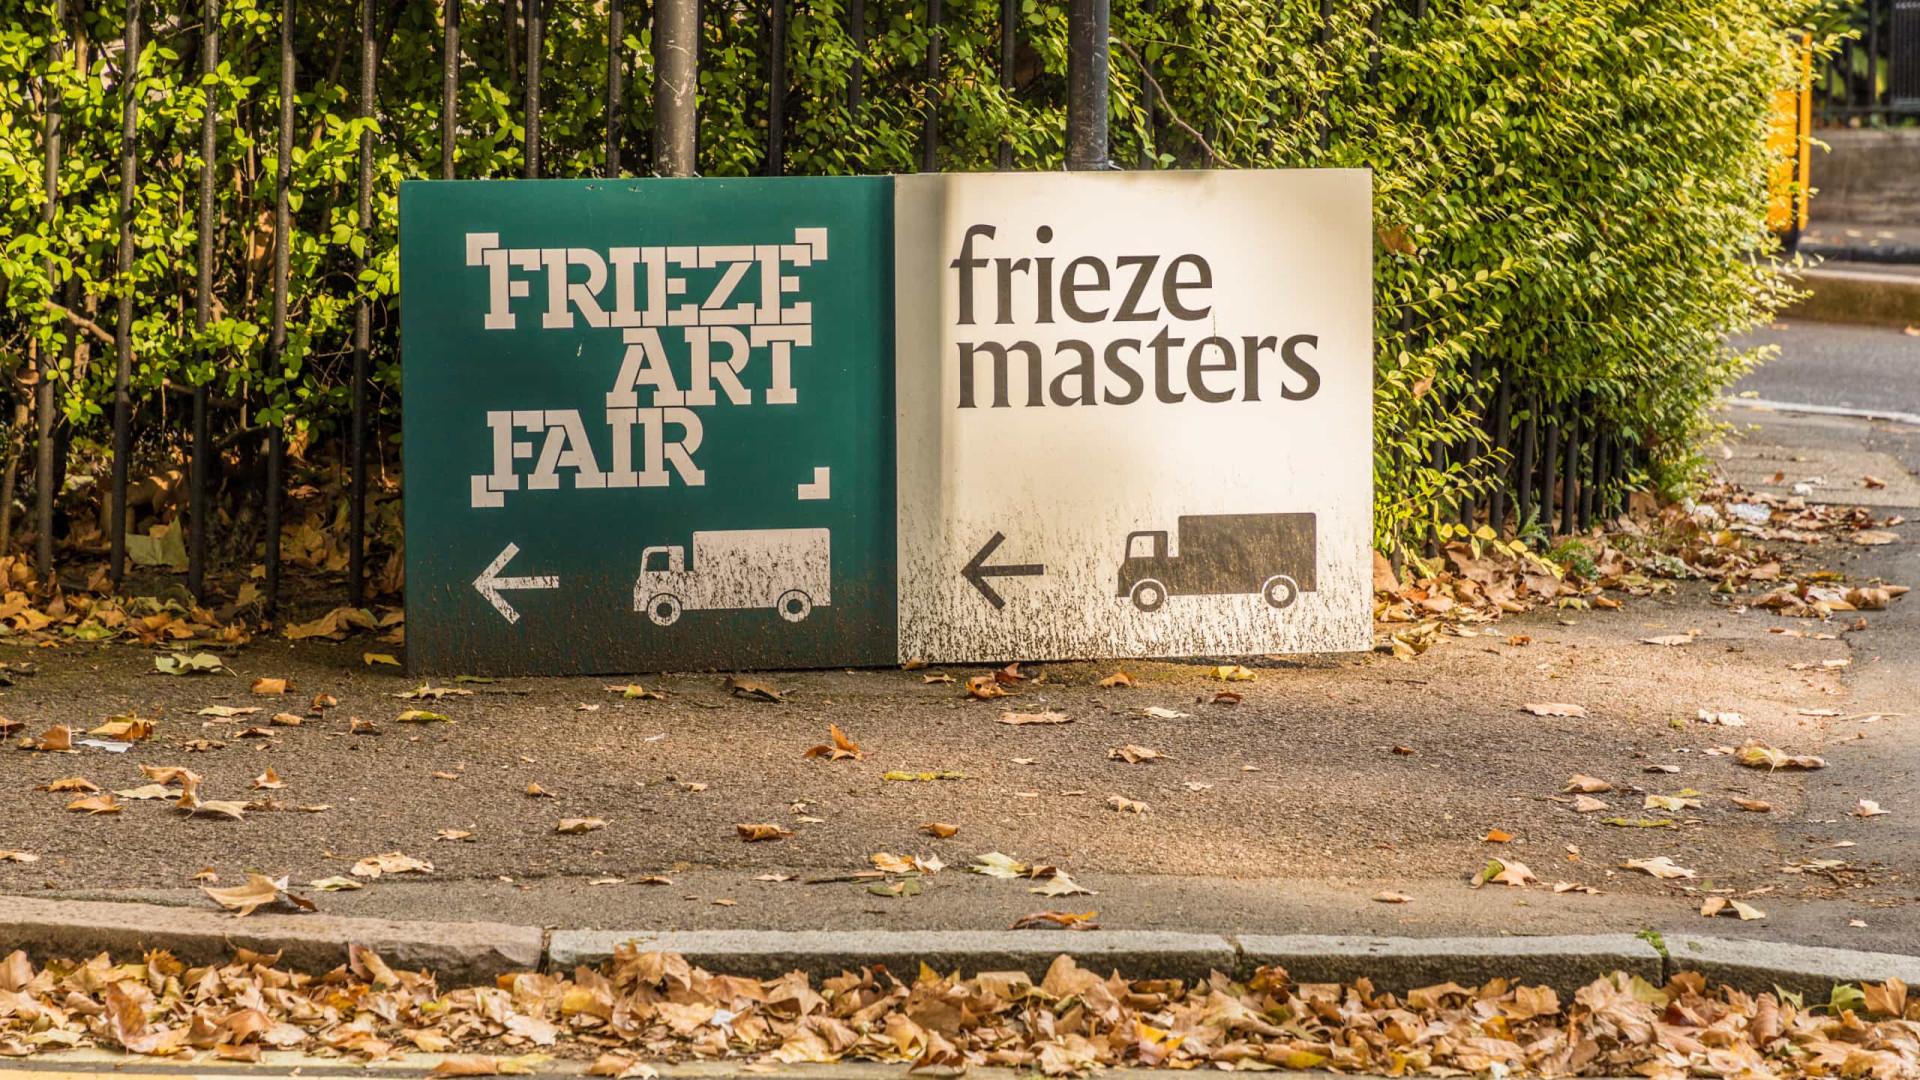 Frieze cancela feiras de arte em Londres por causa do coronavírus